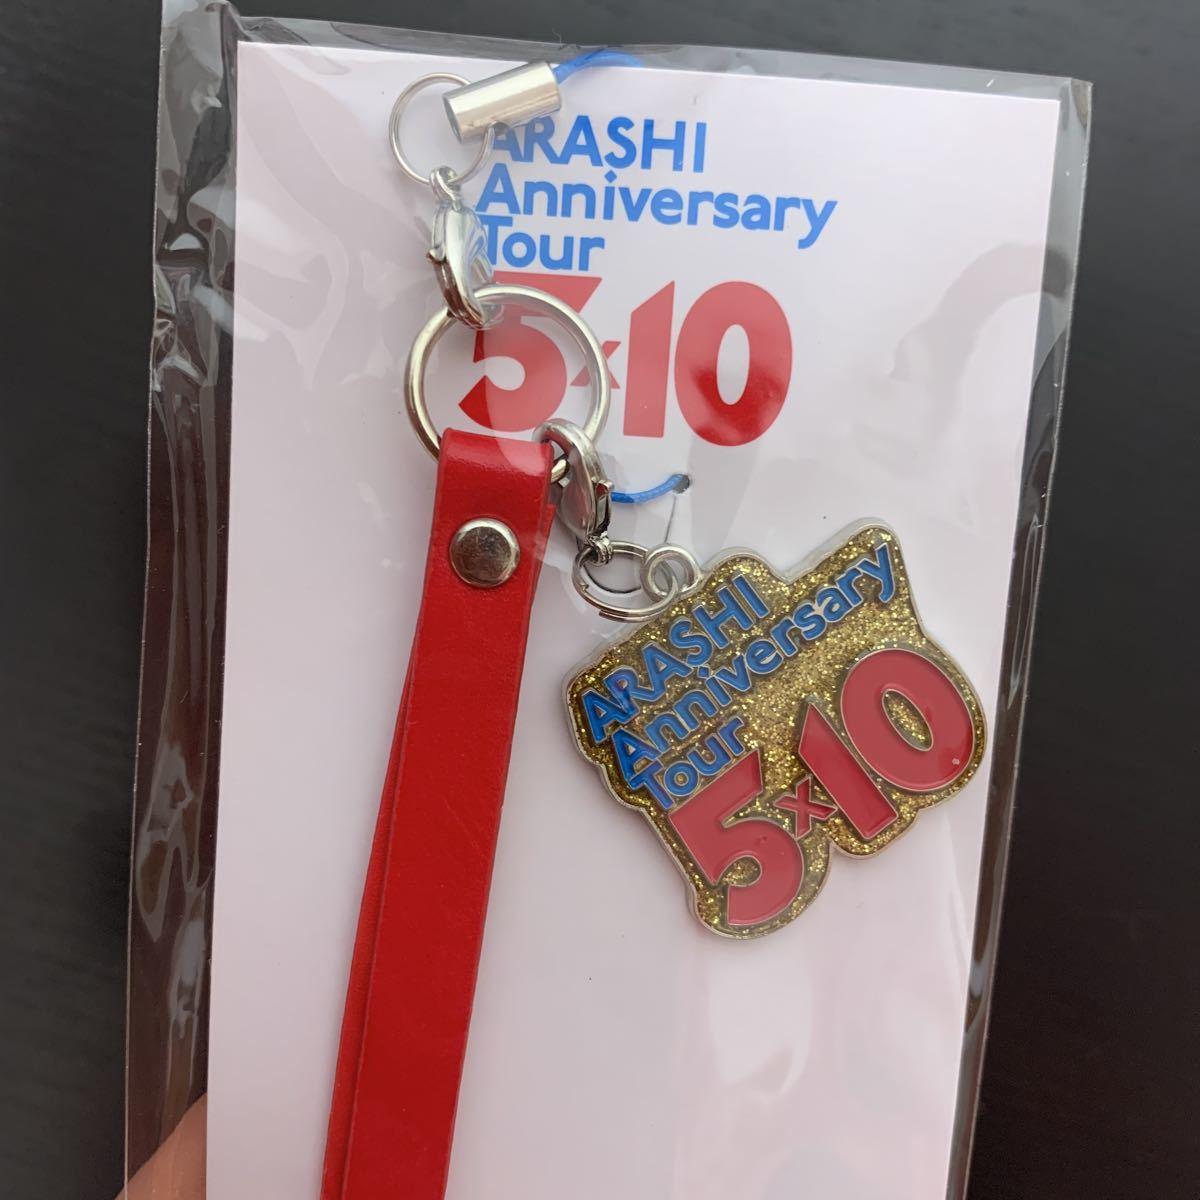 嵐 ARASHI Anniversary Tour 5×10 会場限定チャーム付きストラップ 国立競技場 金色 新品未開封 送料無料 10周年コンサートグッズ2009